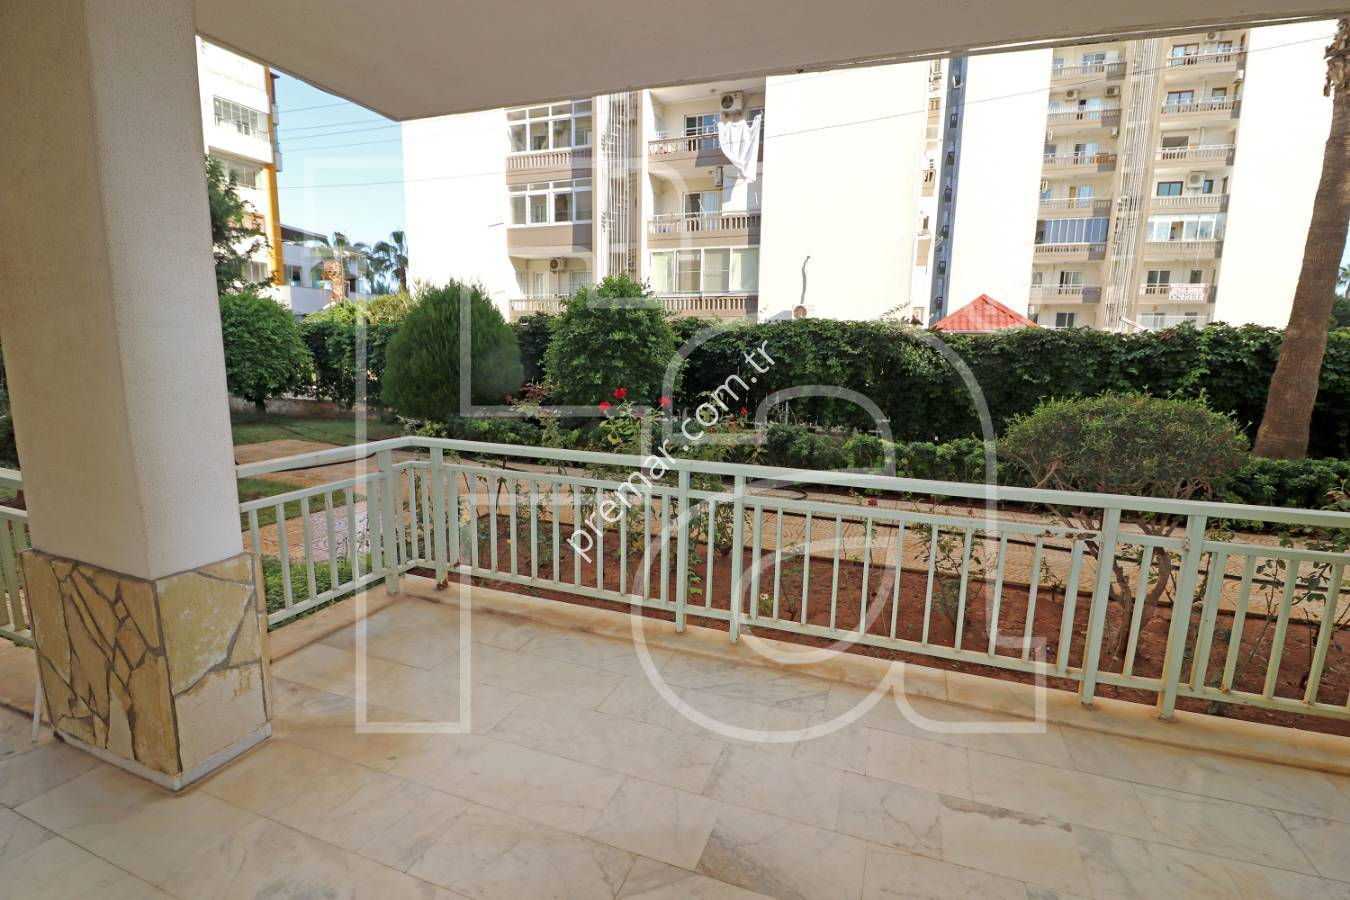 Premar Mersin'den Adnan Menderes'e Yürüme Mesafesinde Site İçi Bahçe Katı 4+1 Satılık Daire